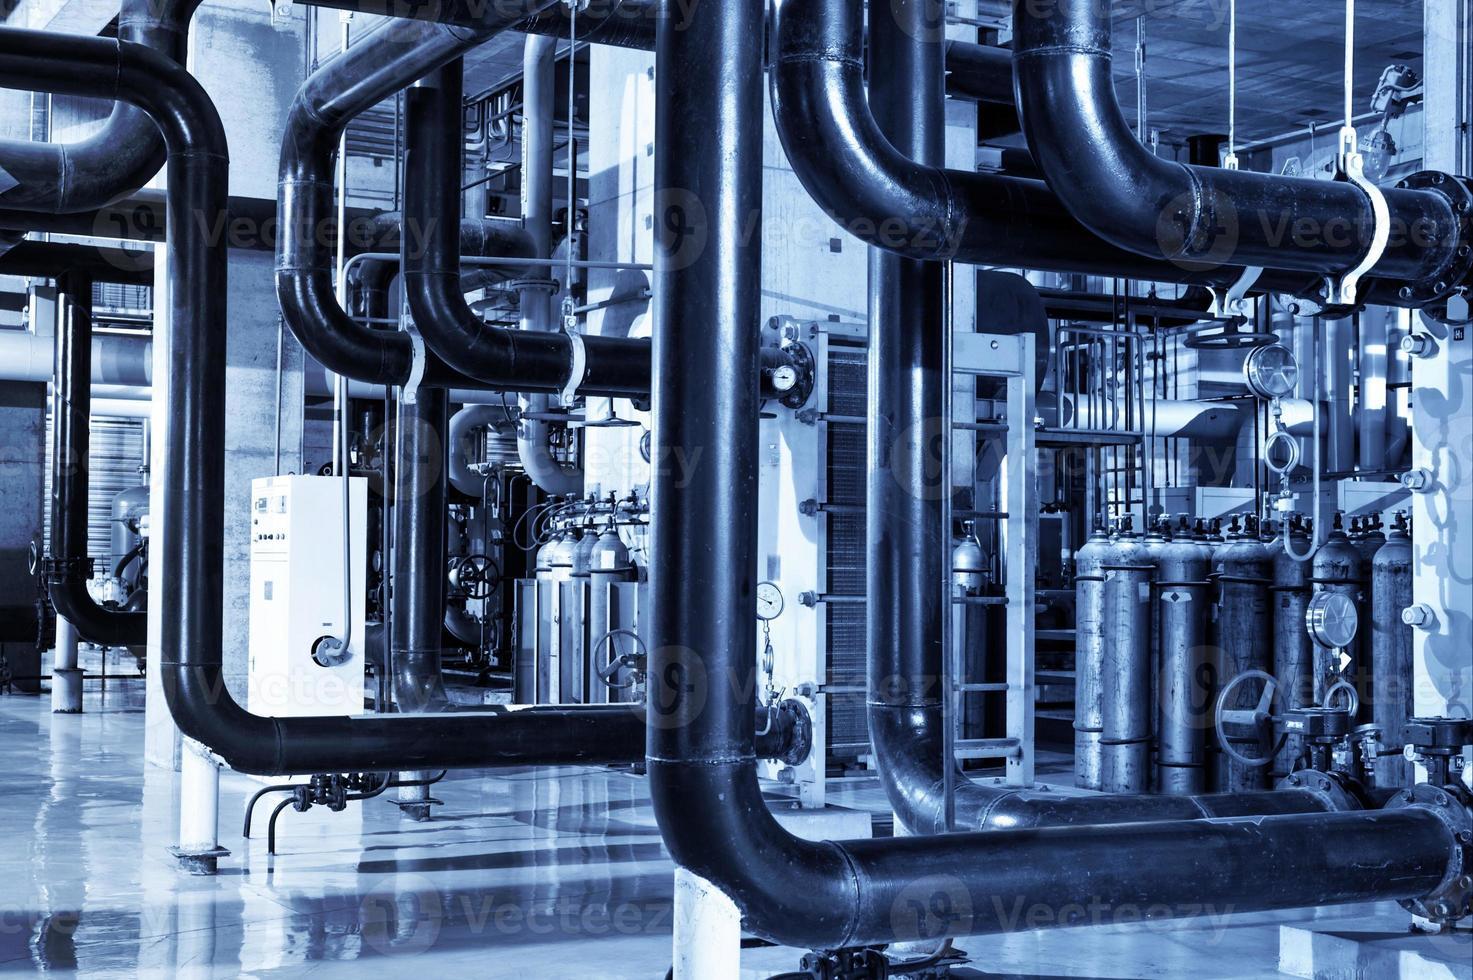 attrezzature all'interno della centrale elettrica industriale foto